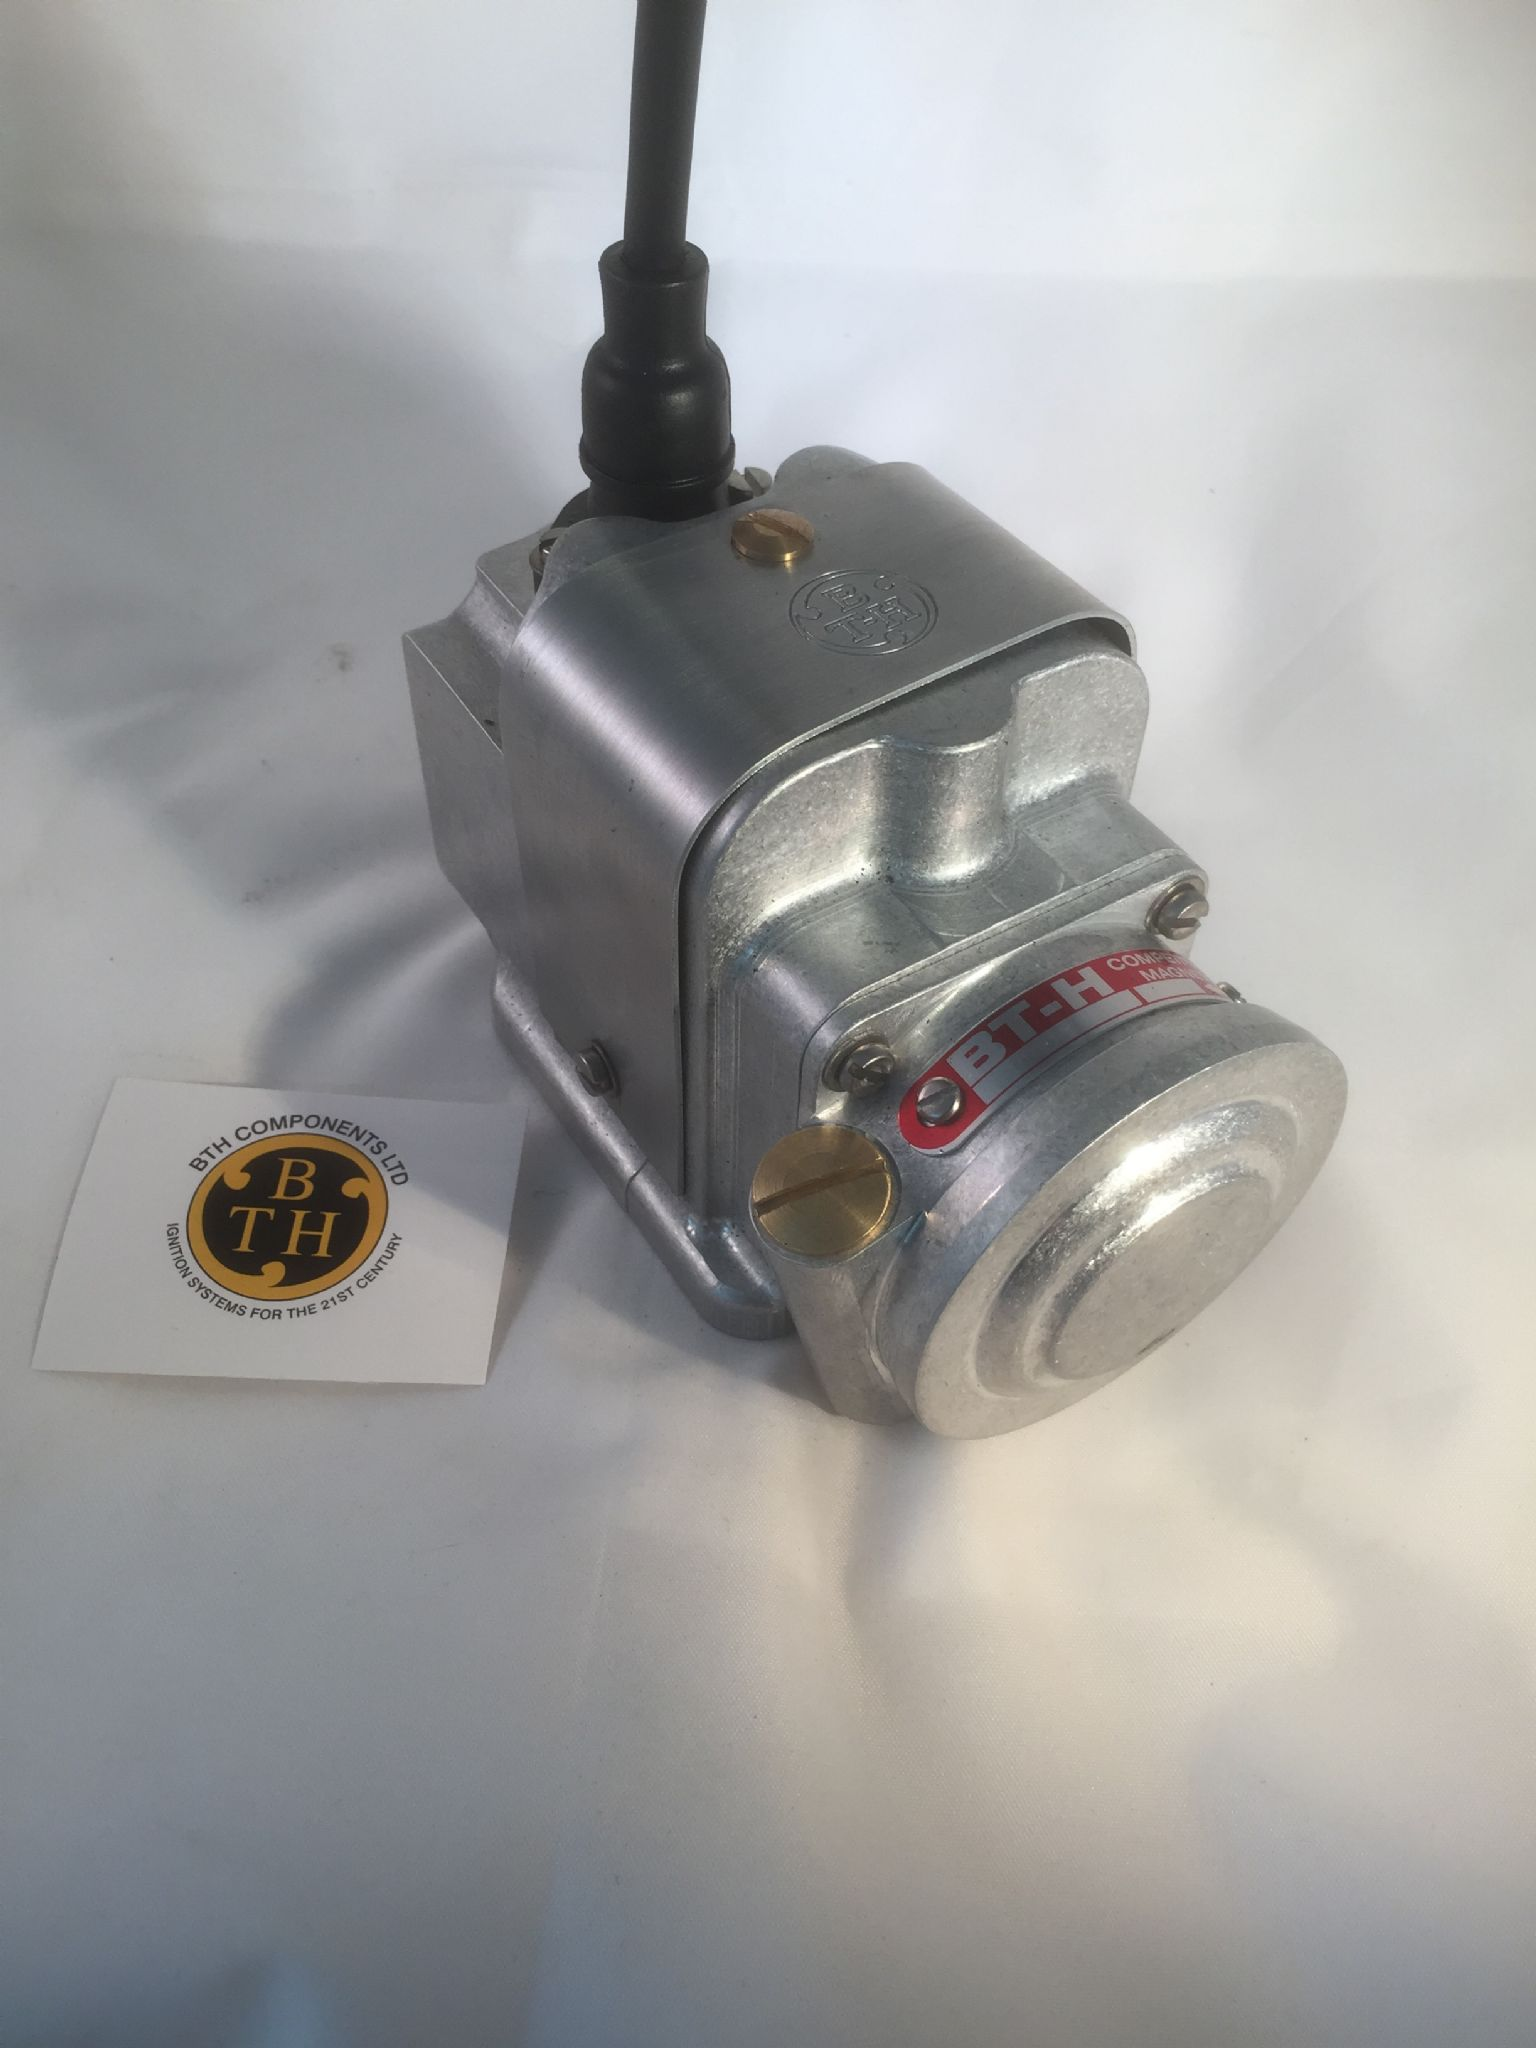 Replica of the Bth KD1